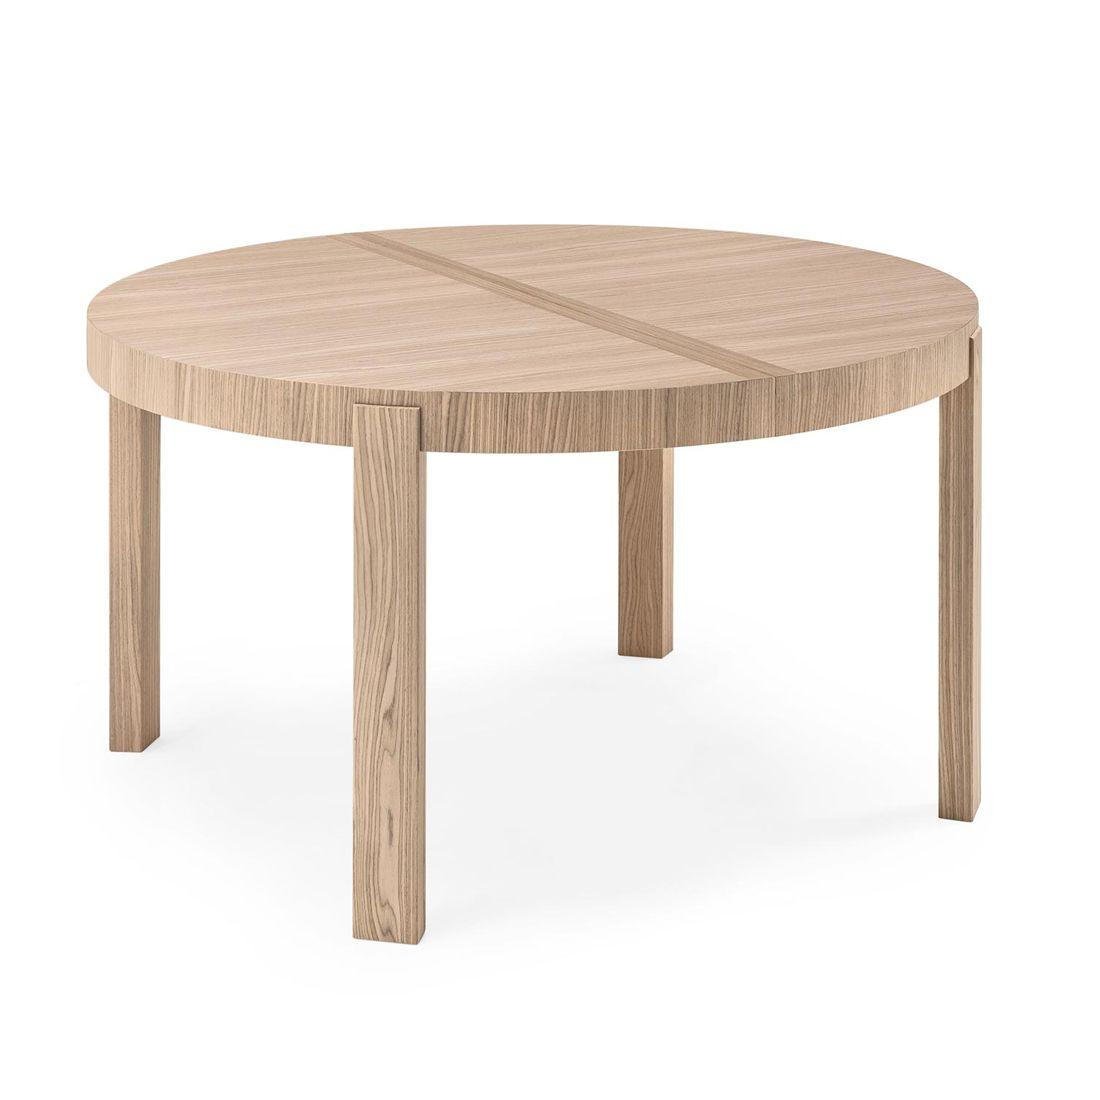 Table De Repas Ronde Extensible Atelier Pinteres - Table 140x140 avec rallonge pour idees de deco de cuisine